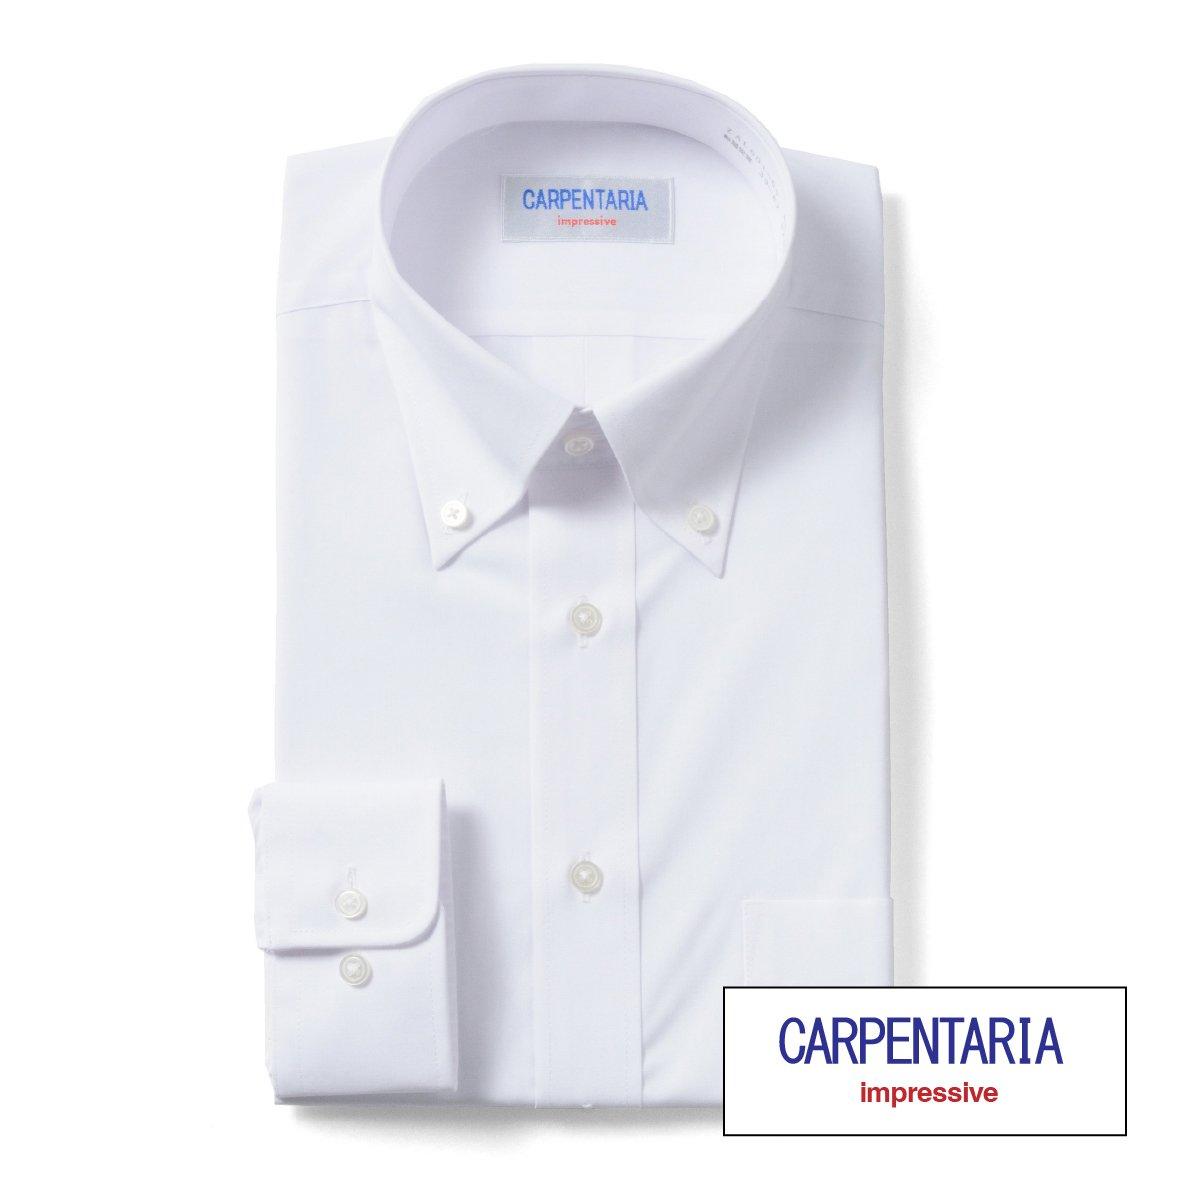 ワイシャツ 長袖 形態安定 メンズ 白 イージーケア Yシャツ カッターシャツ ホワイト ドレスシャツ 大きいサイズ オフィス シャツ ビジネスシャツ 冠婚葬祭 制服 就活 ボタンダウン CARPENTARIA [R12CAB101]